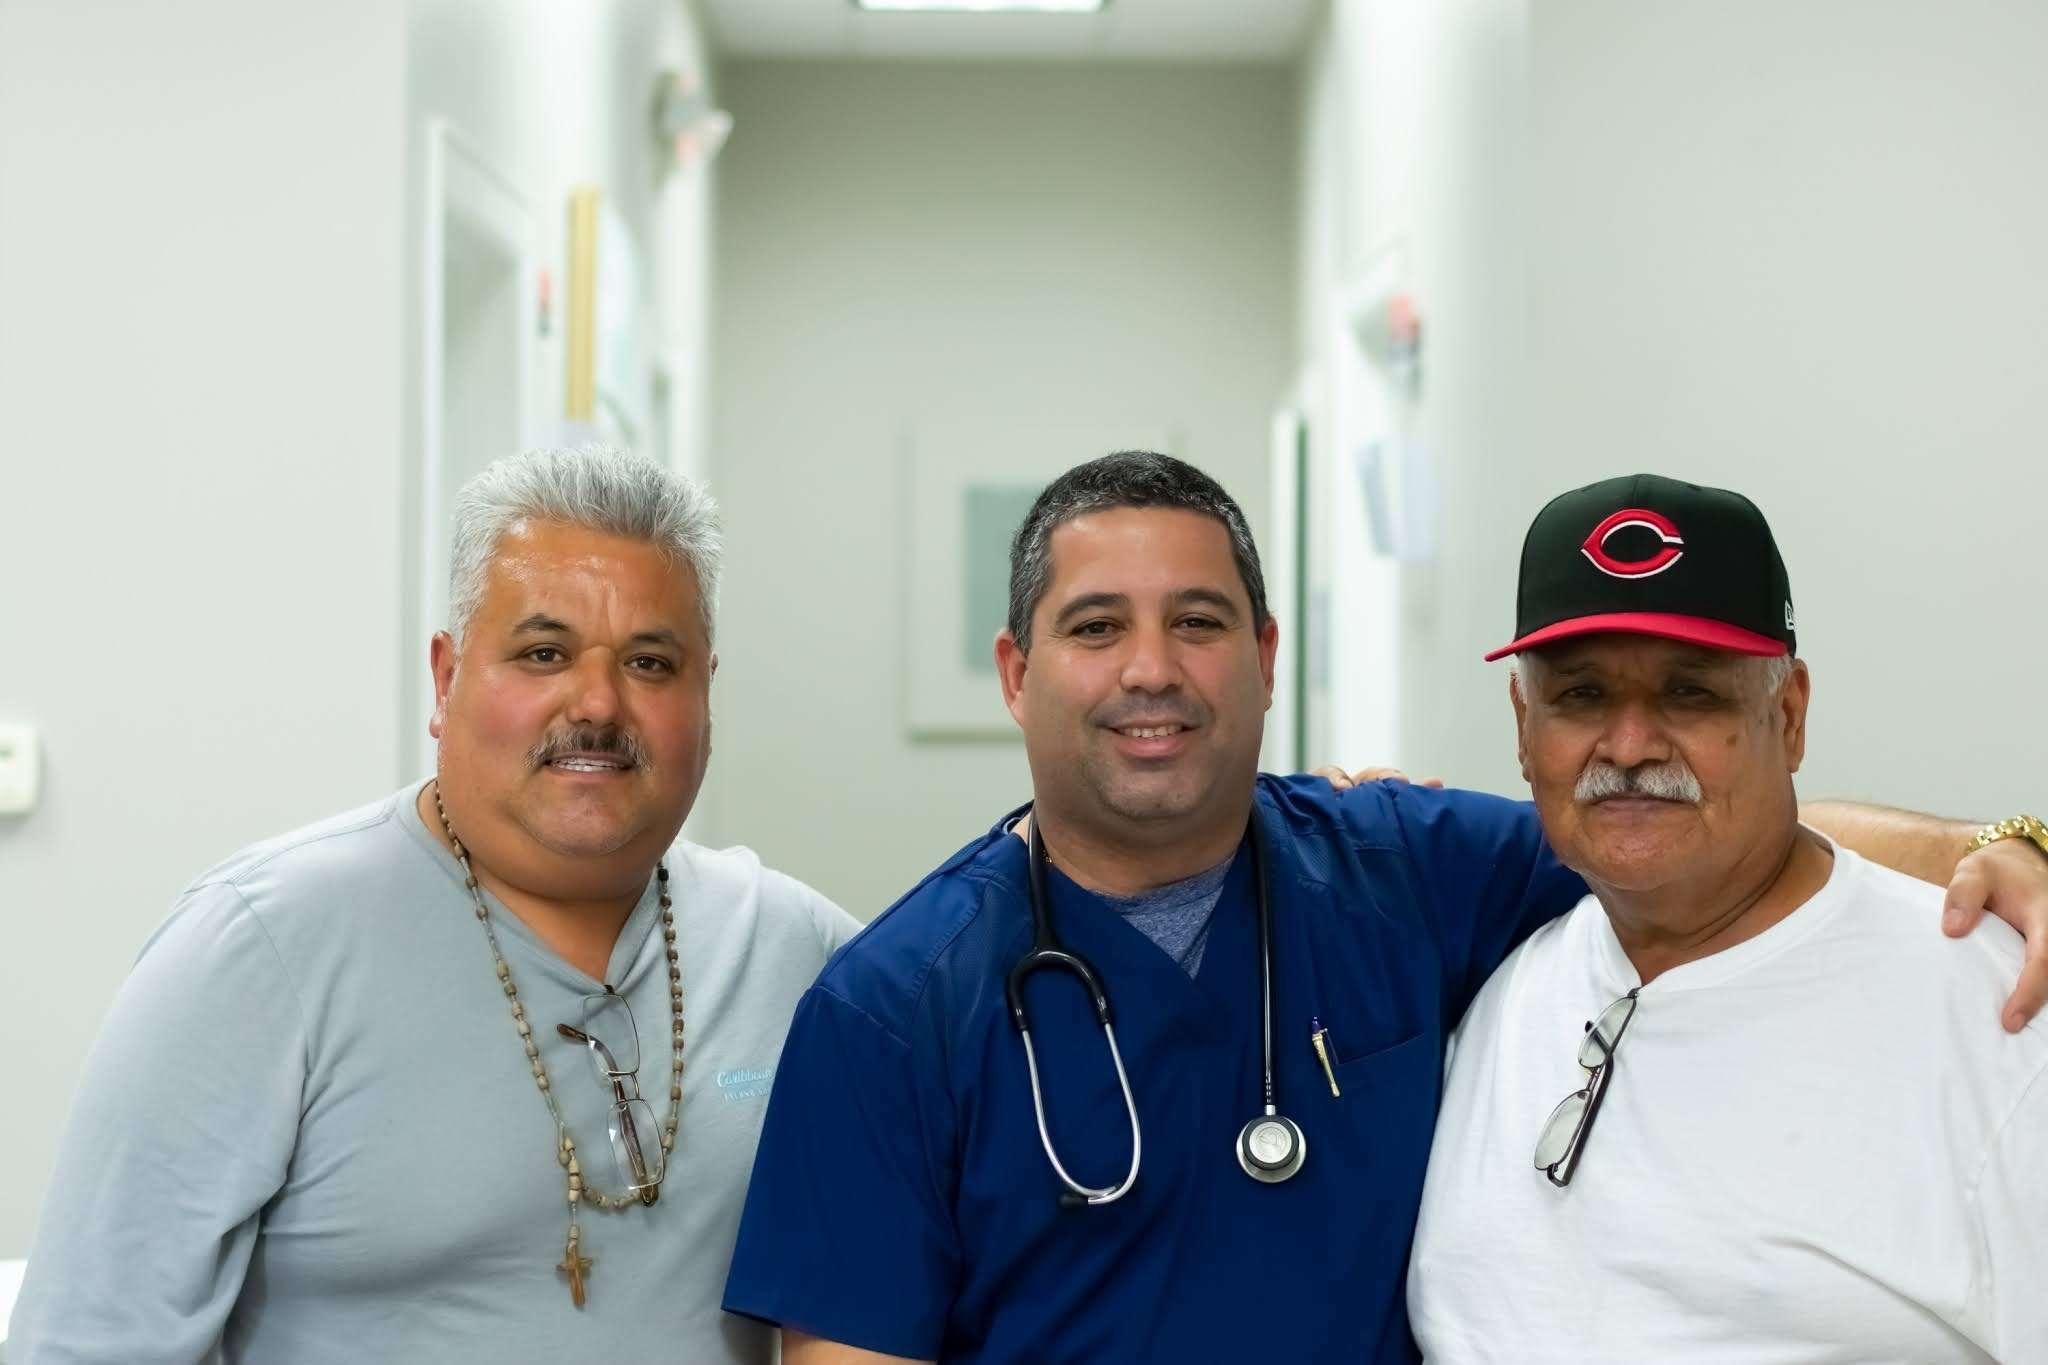 pacientes de nuestra clinica, y nuestro personal medico